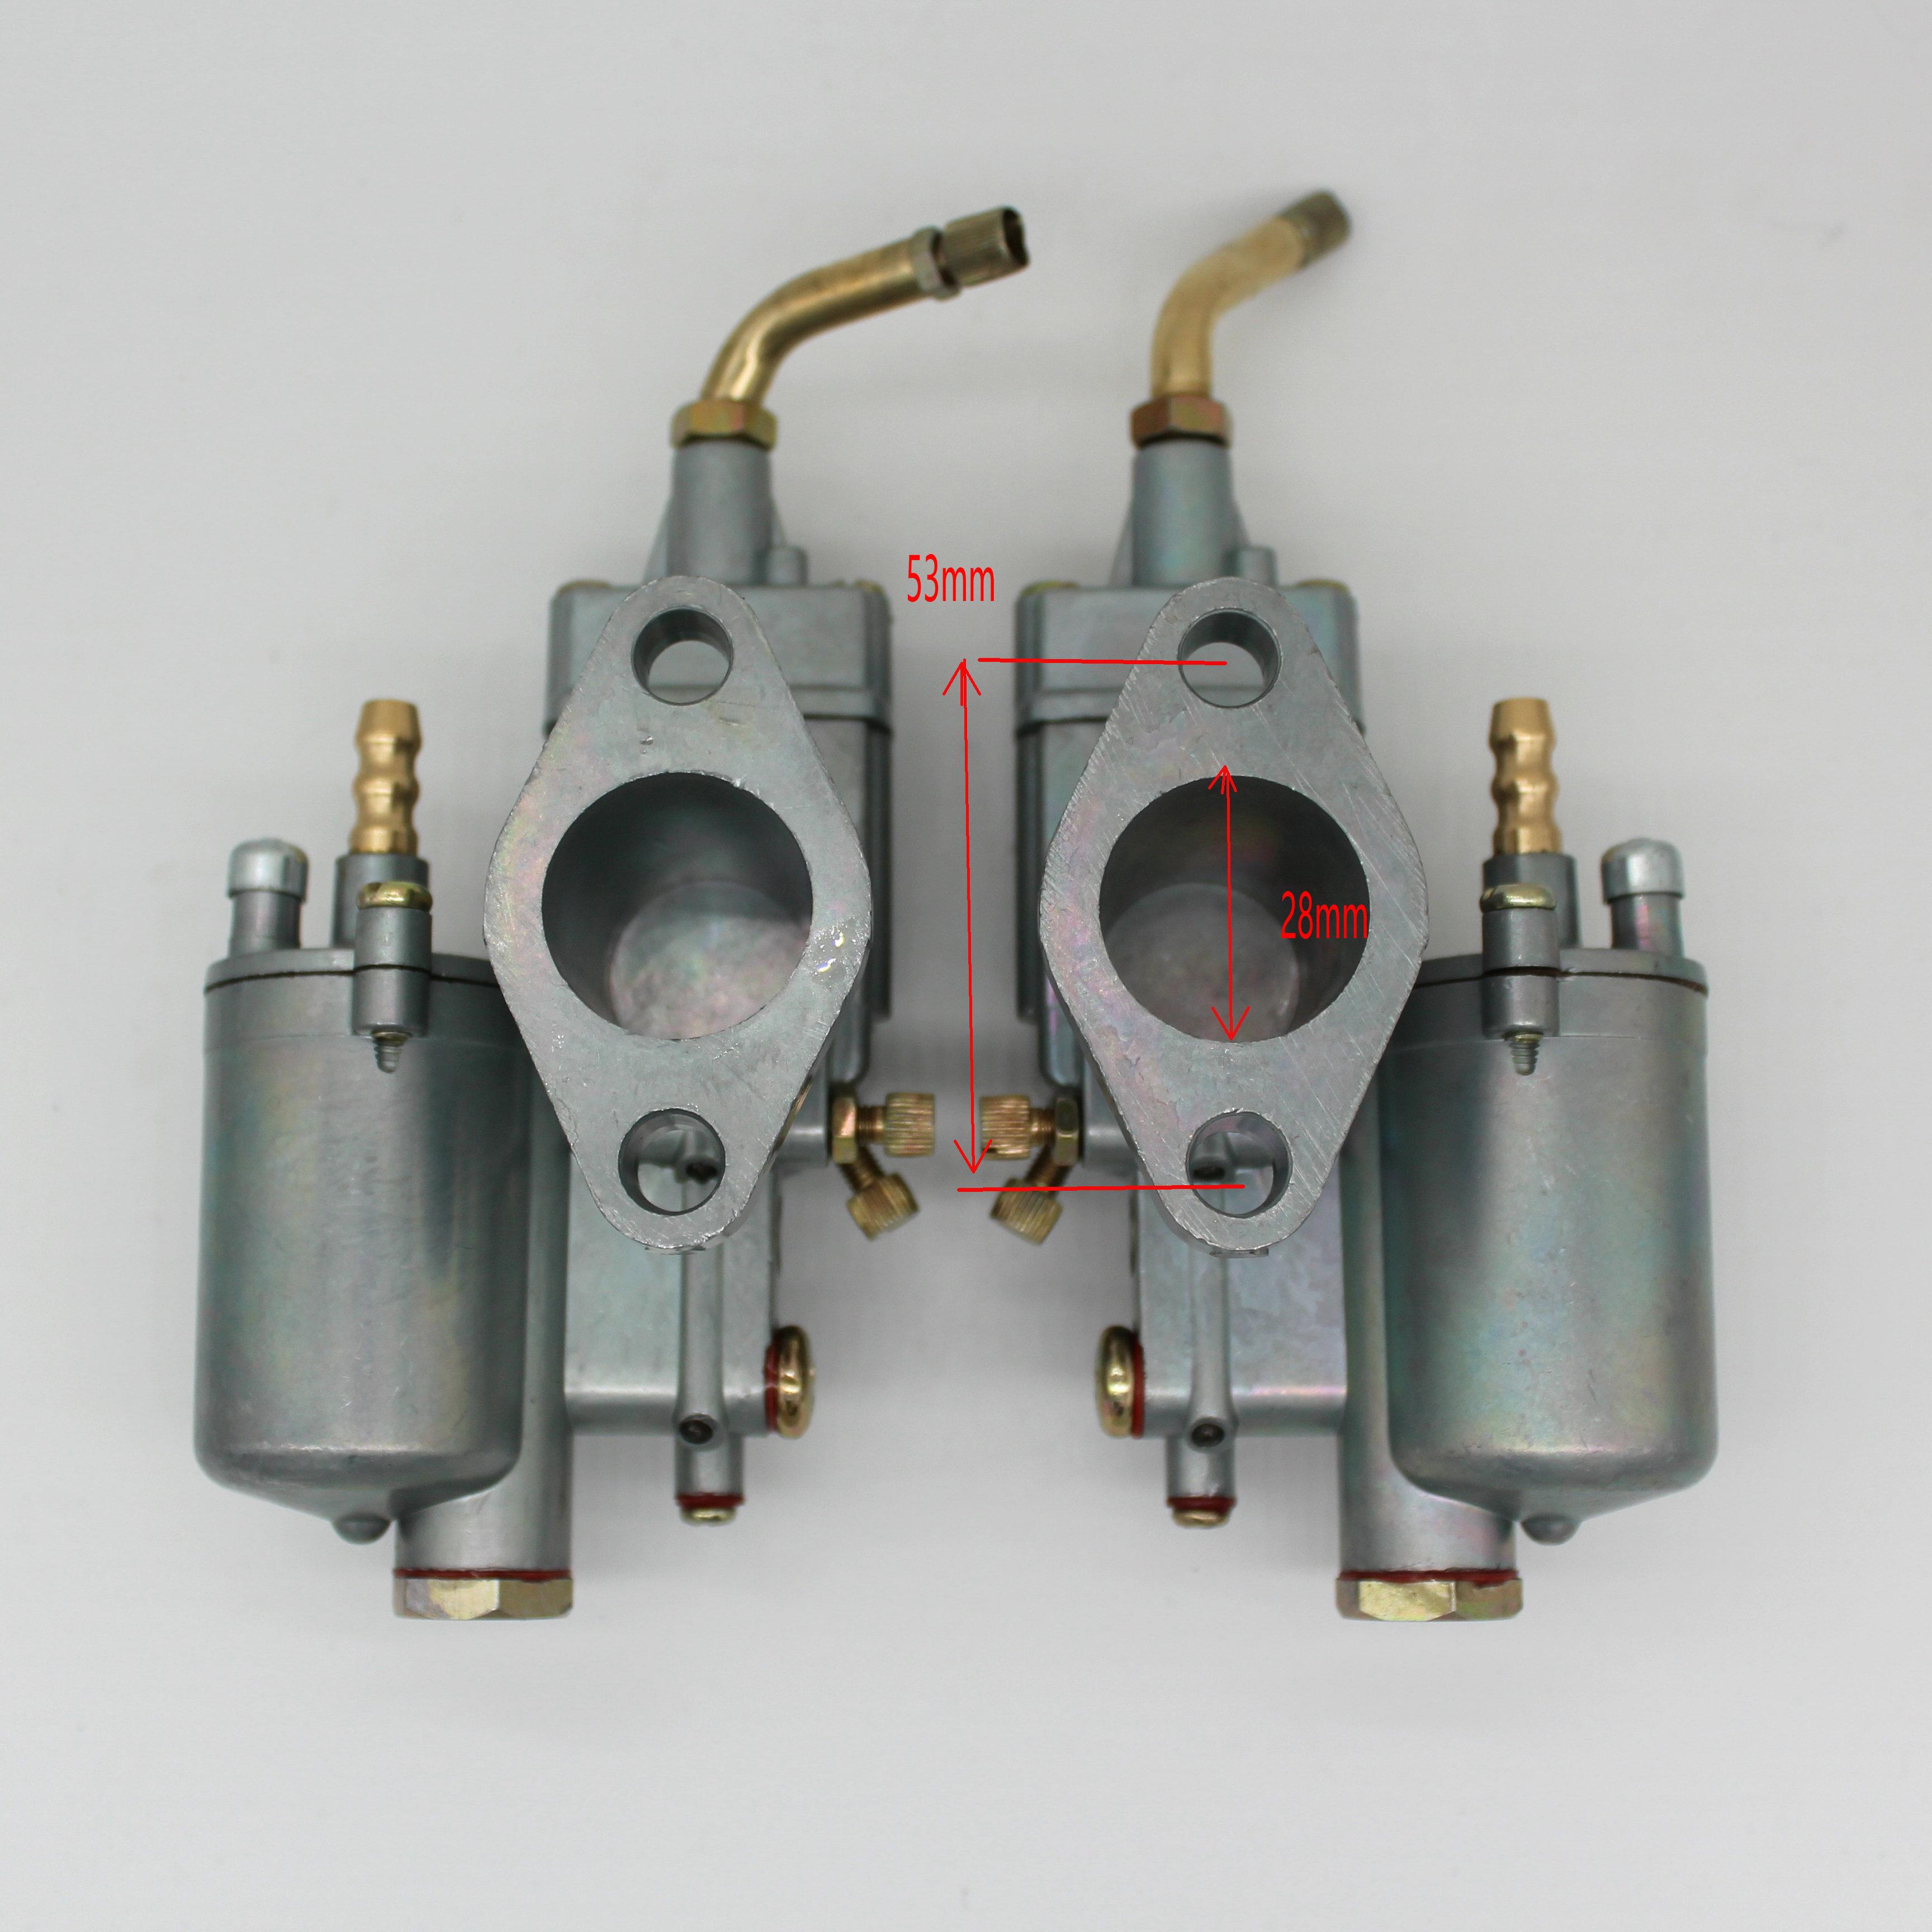 Карбюратор Vergaser 1 пара, левый и правый карбюратор для K302 BMW M72 MT Урал K750 МВт Dnepr, 28 мм